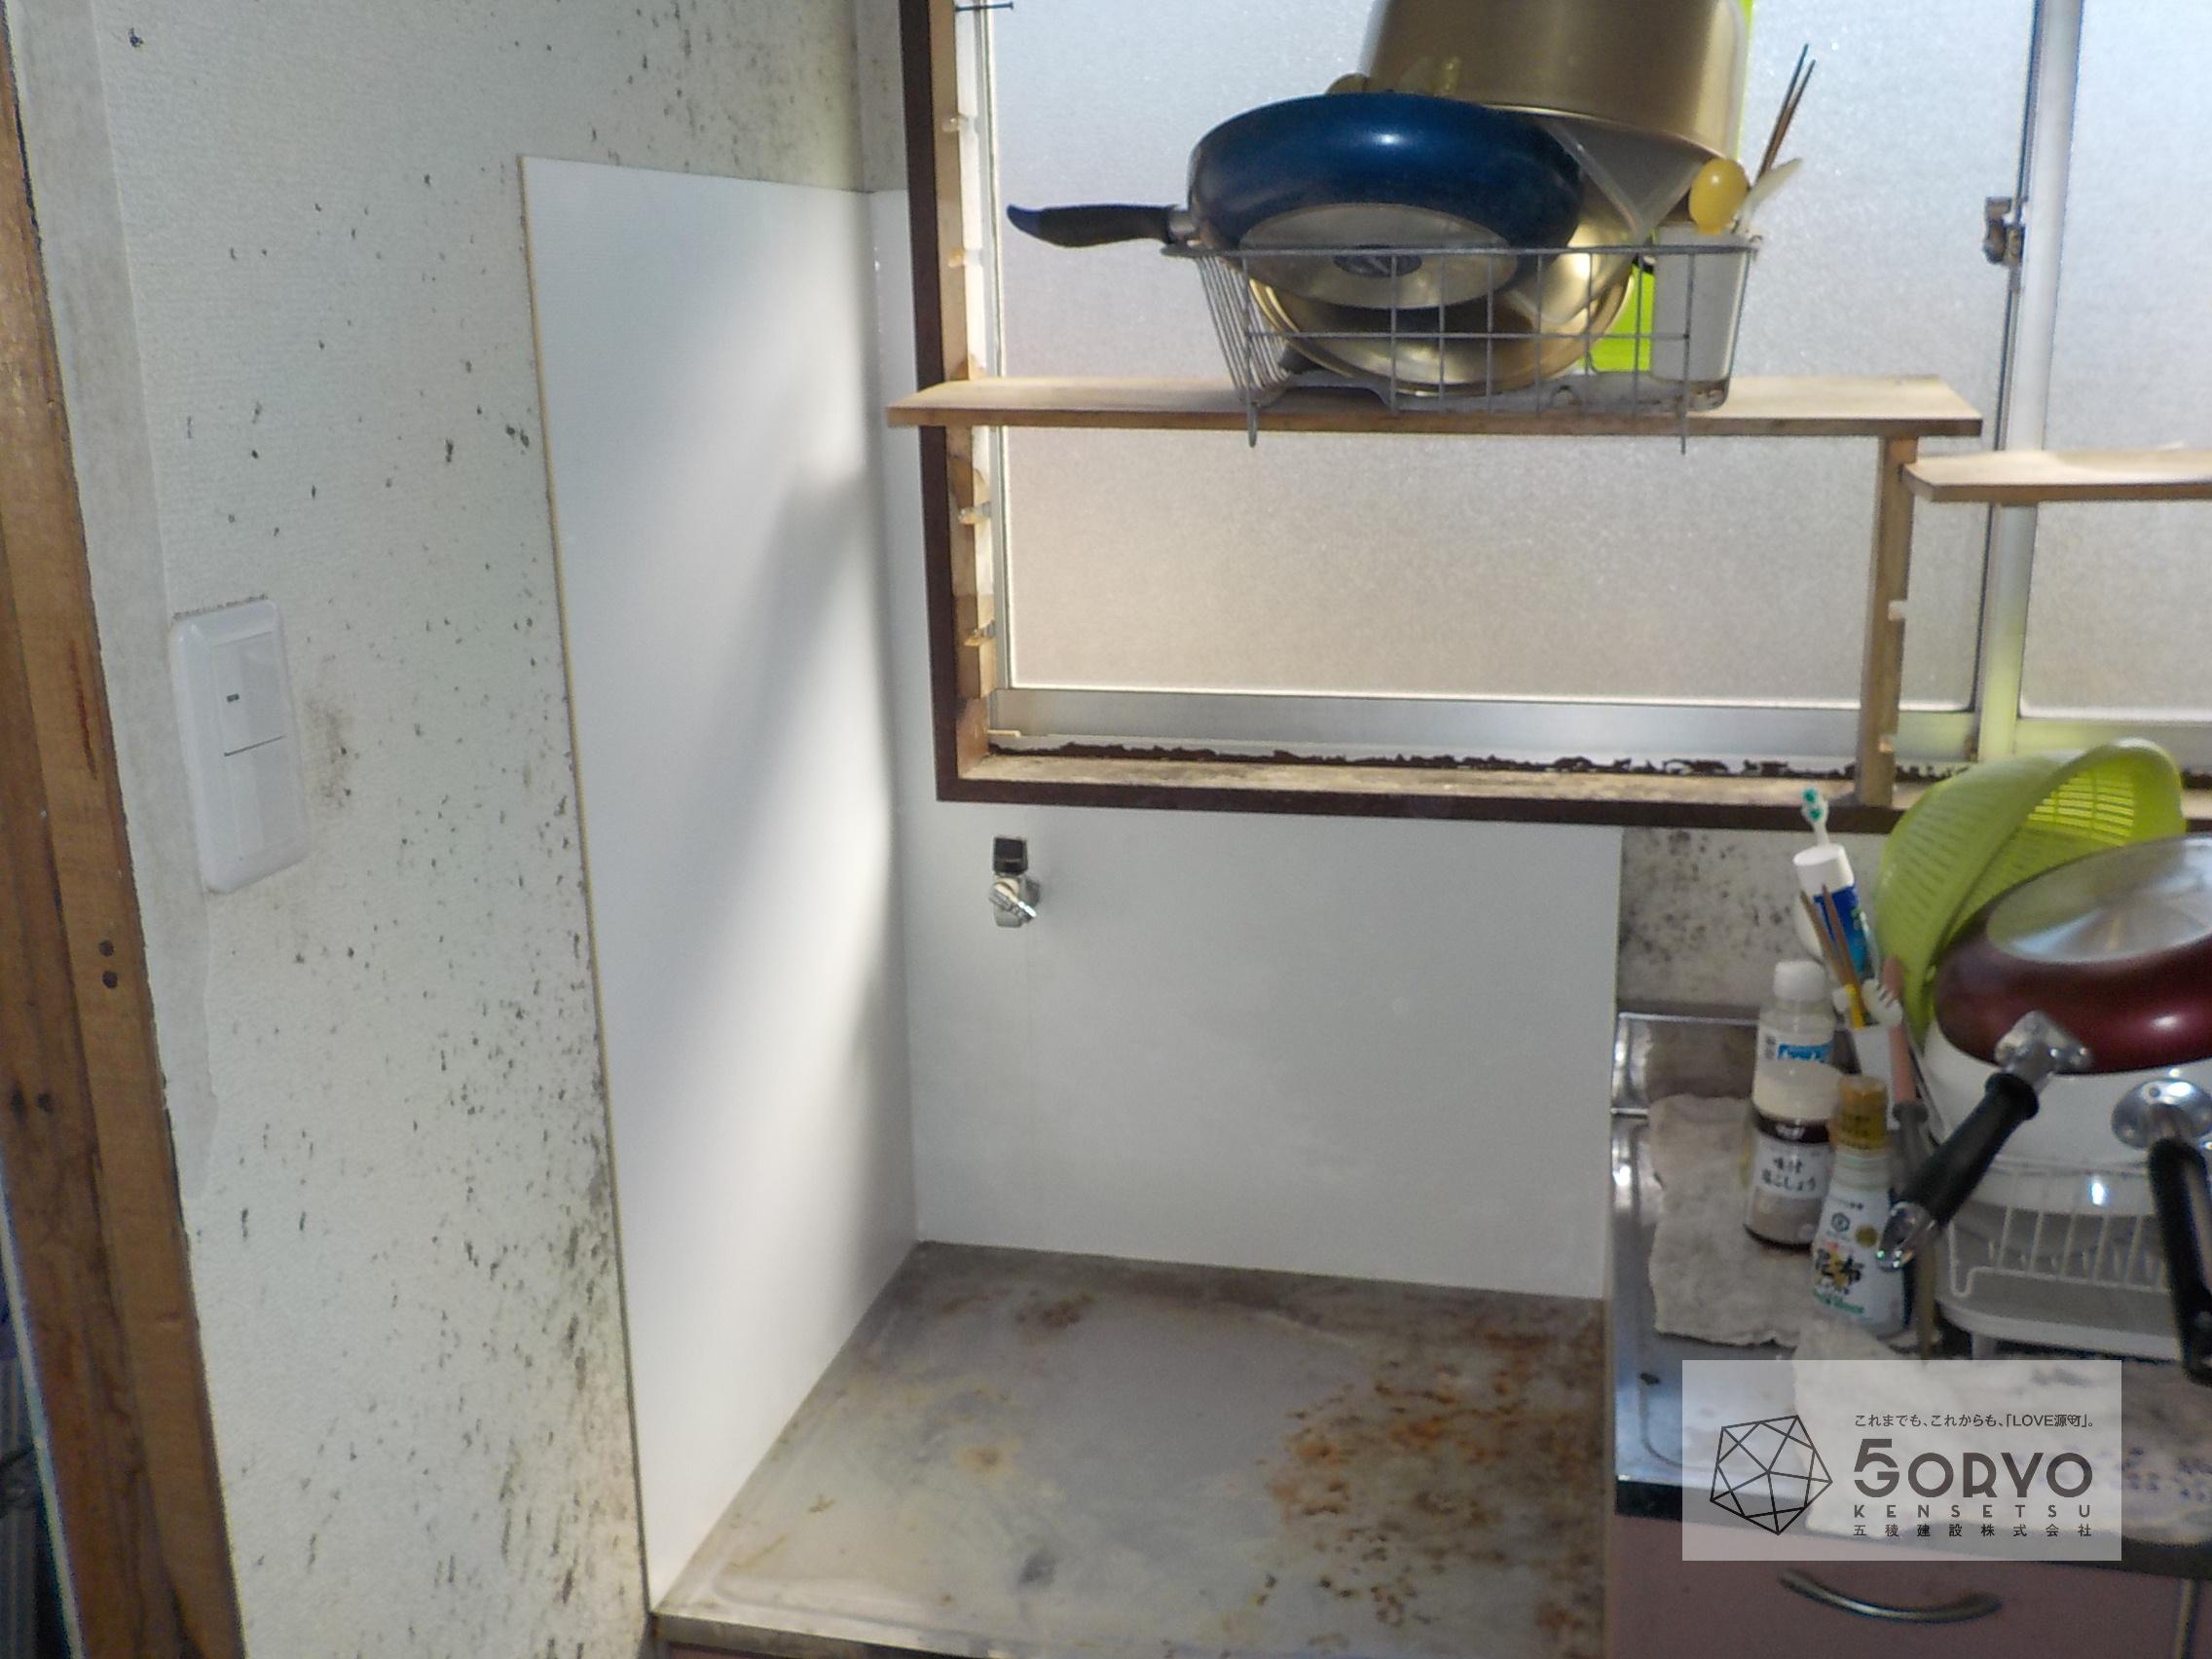 千葉市若葉区 T社従業員宿舎キッチンパネル貼り工事:施工後